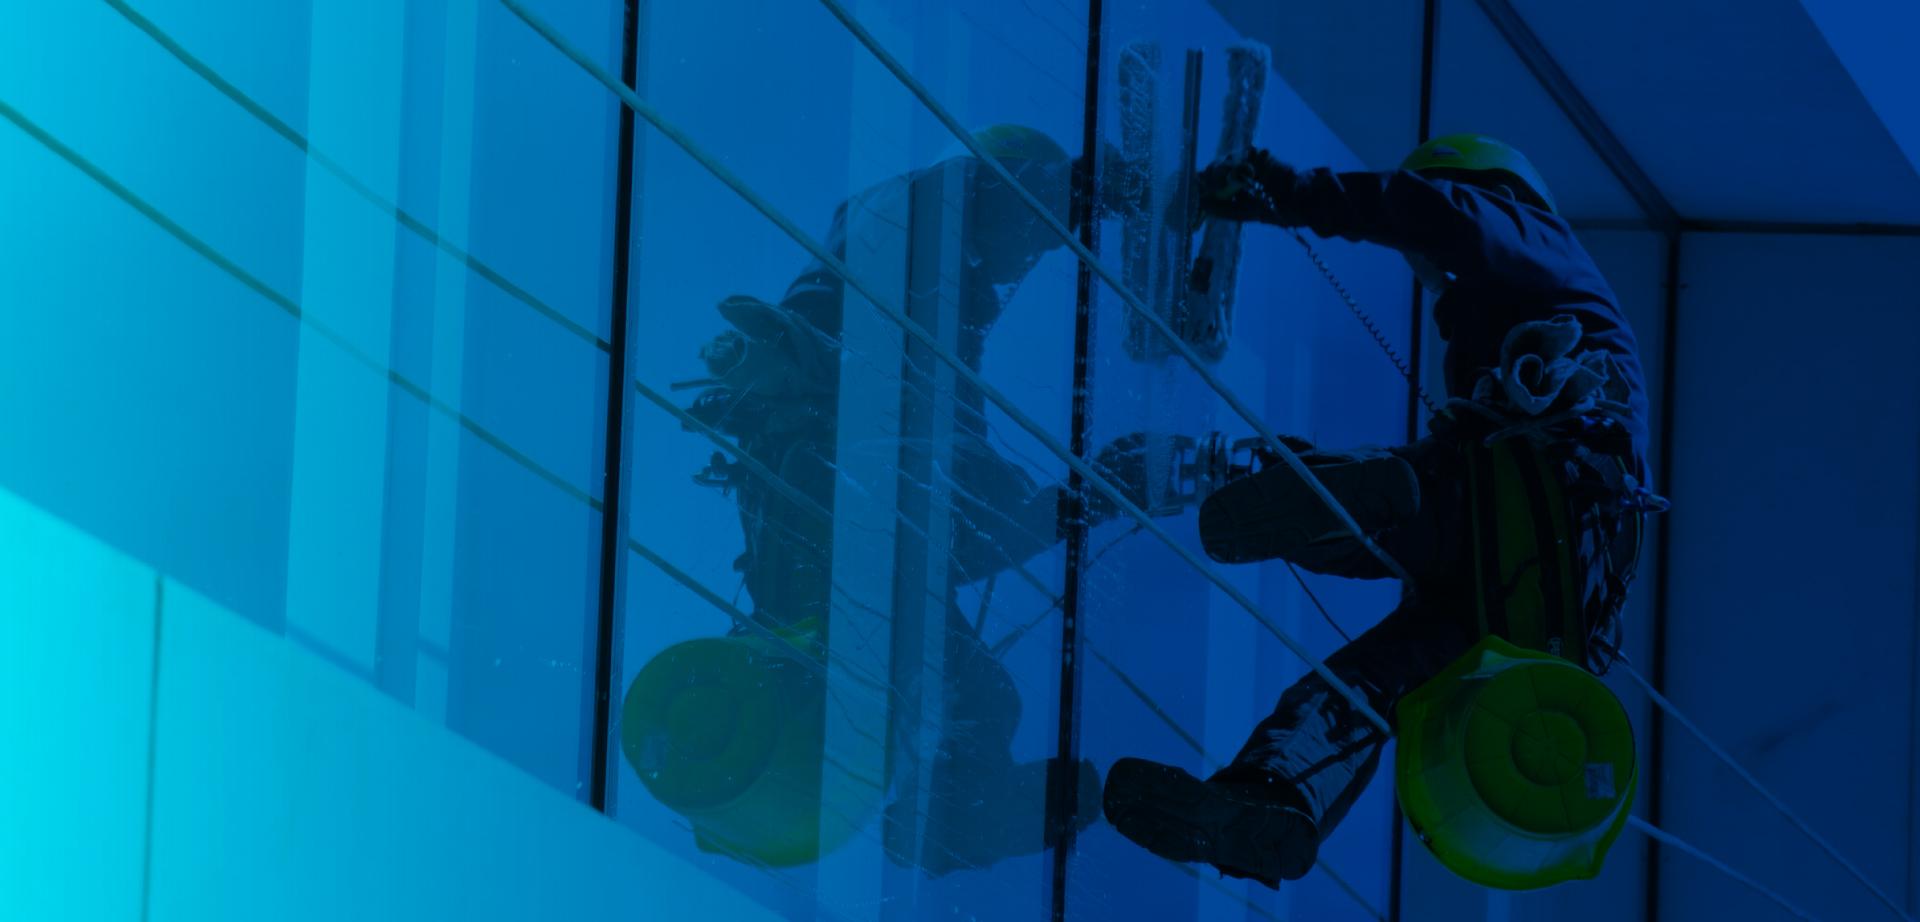 Insumo-Grupo-Nitidos_Slide-Show7